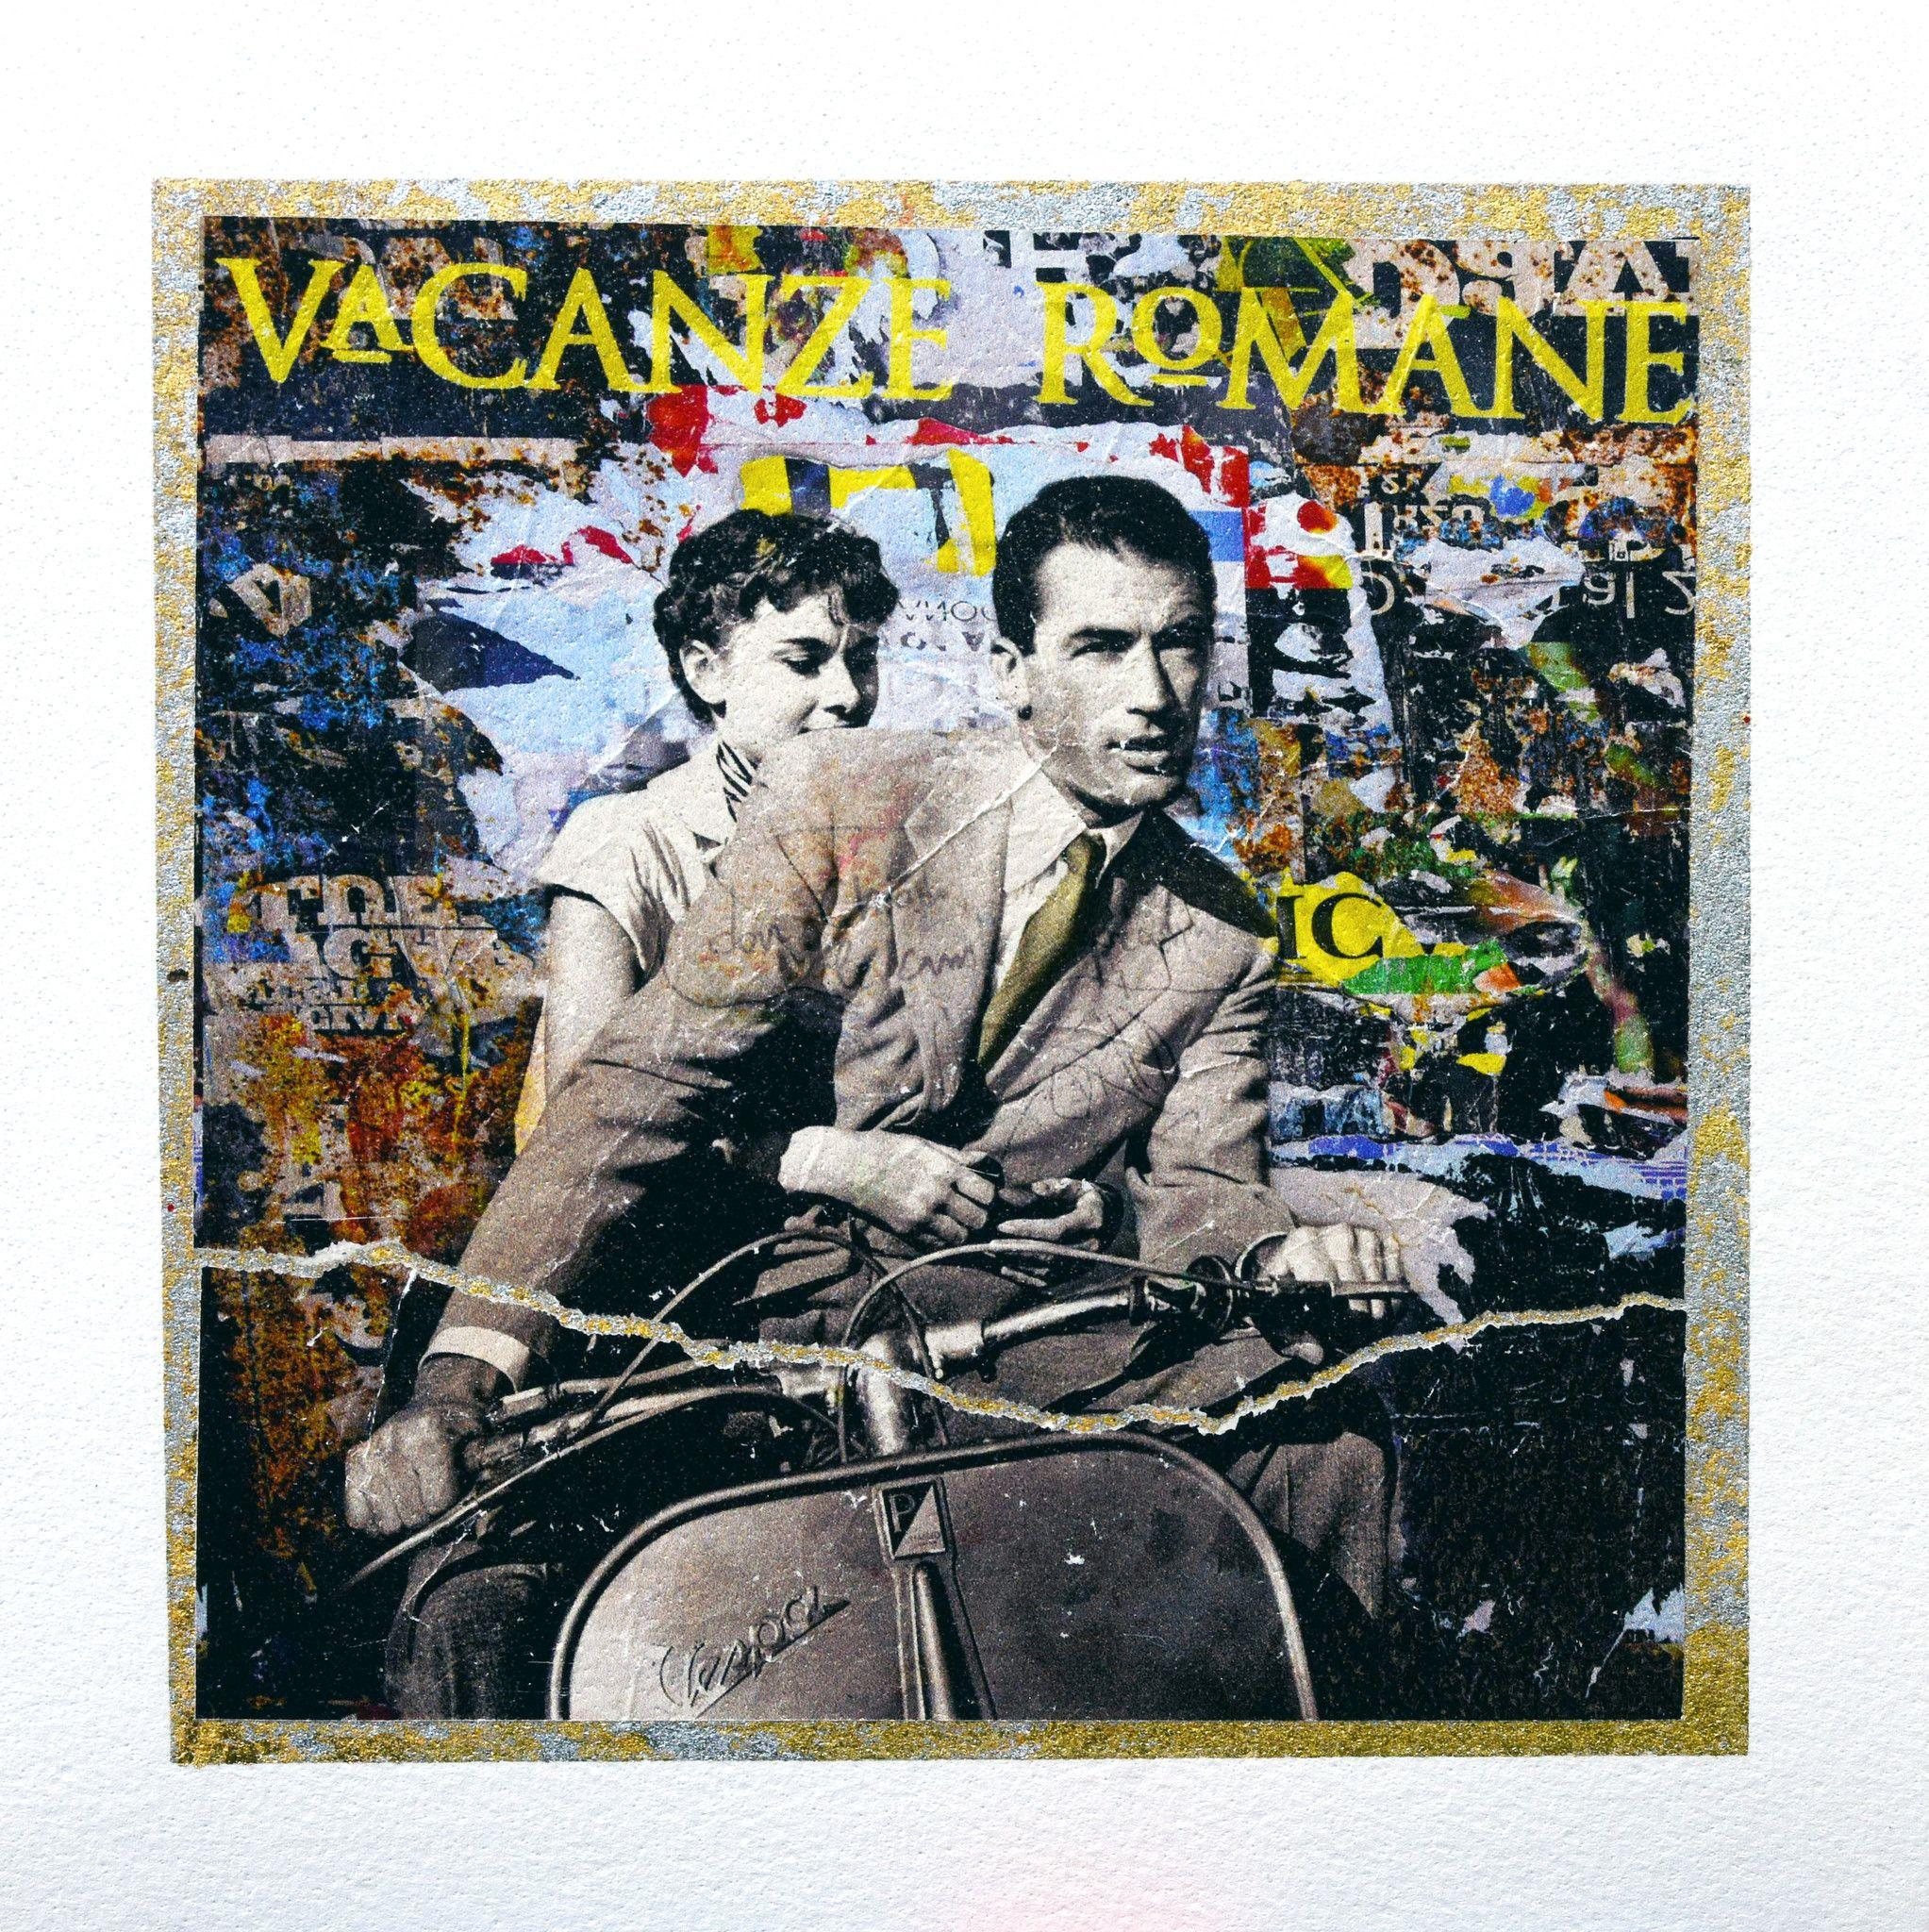 GRAFICA GIULIANO GRITTINI ' VACANZE ROMANE '  dimensioni L 23 x H 23 cm.